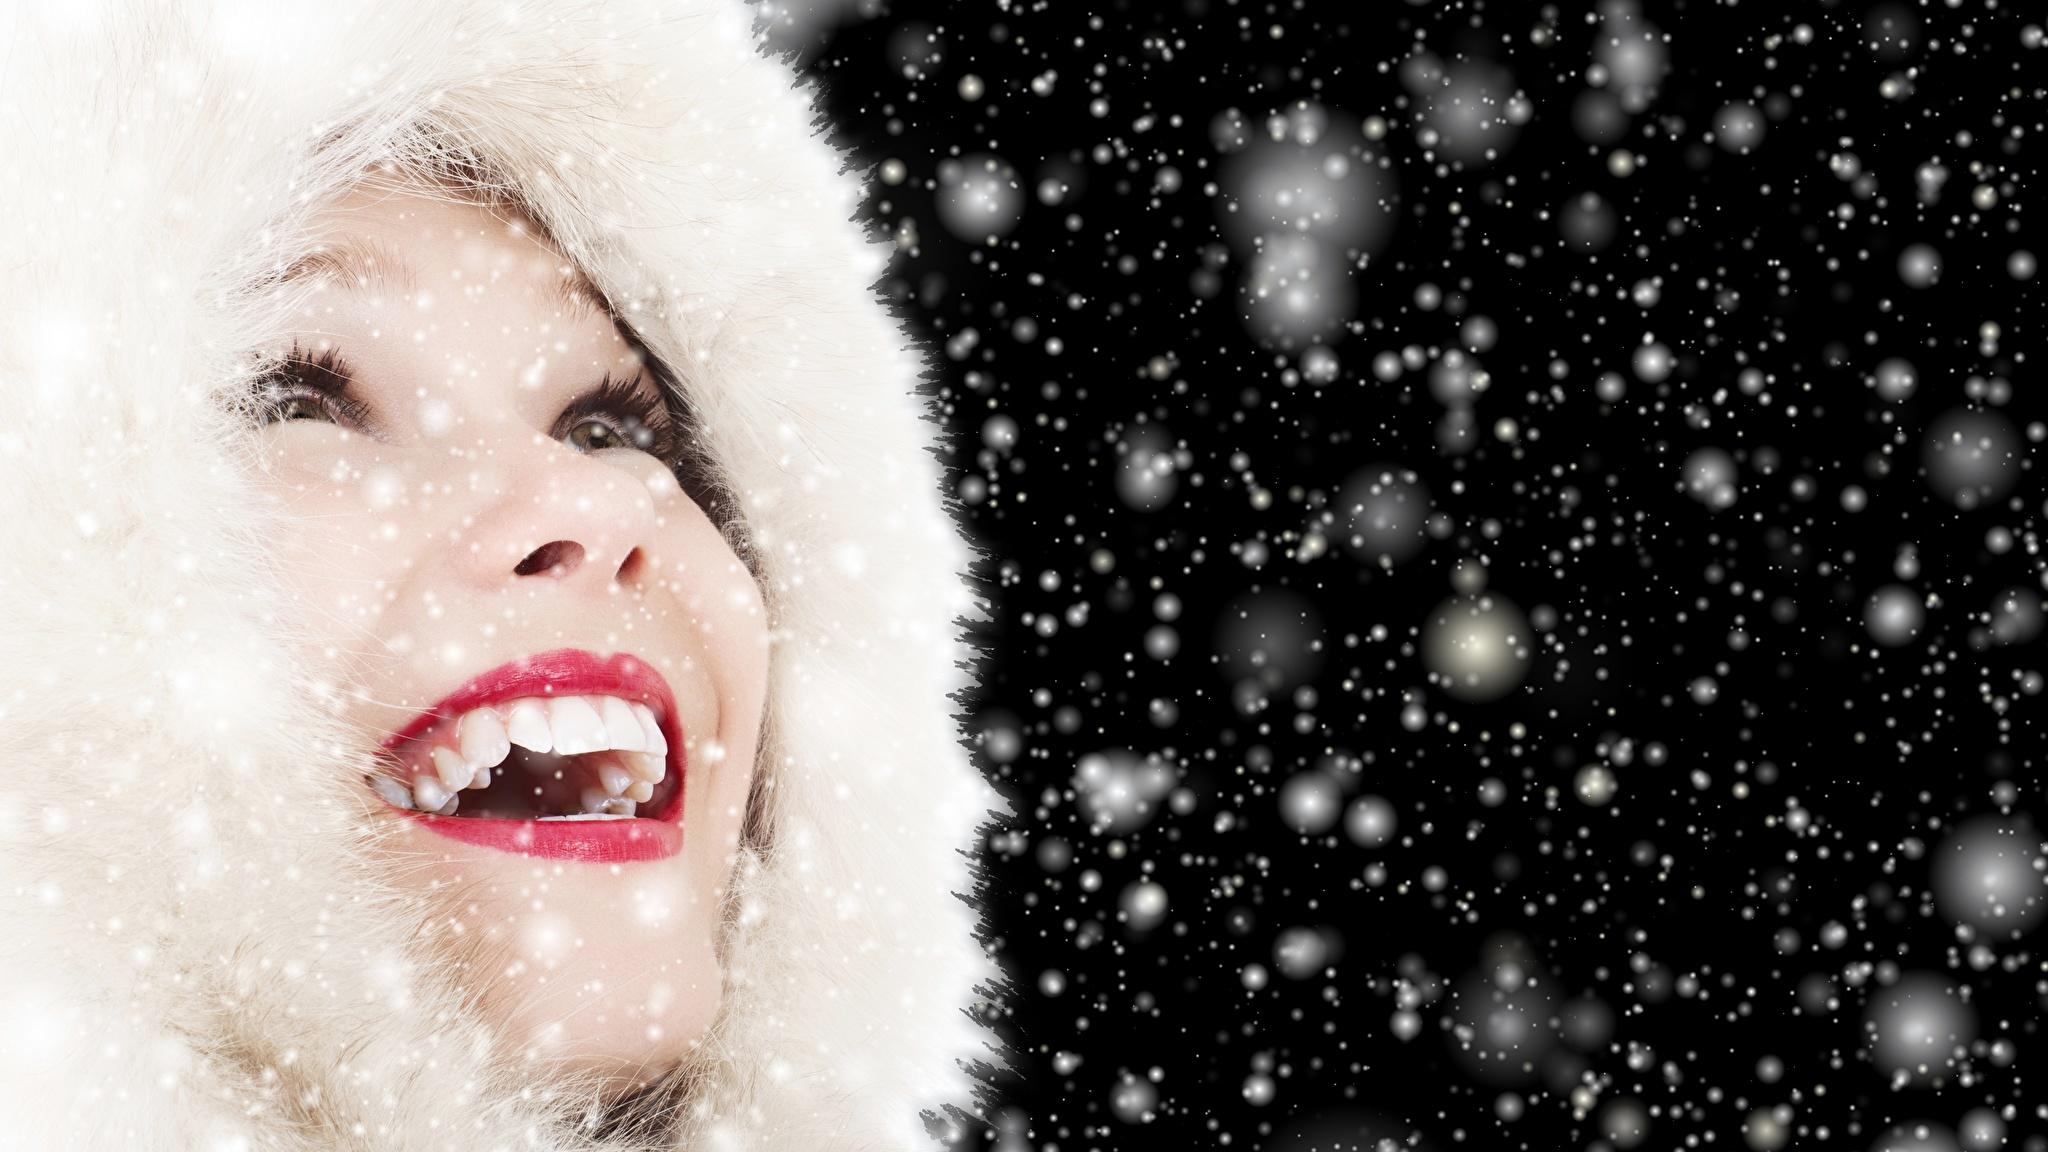 Фотография счастливые Девушки Снежинки Зубы Губы Капюшон Красные губы 2048x1152 Радость счастье